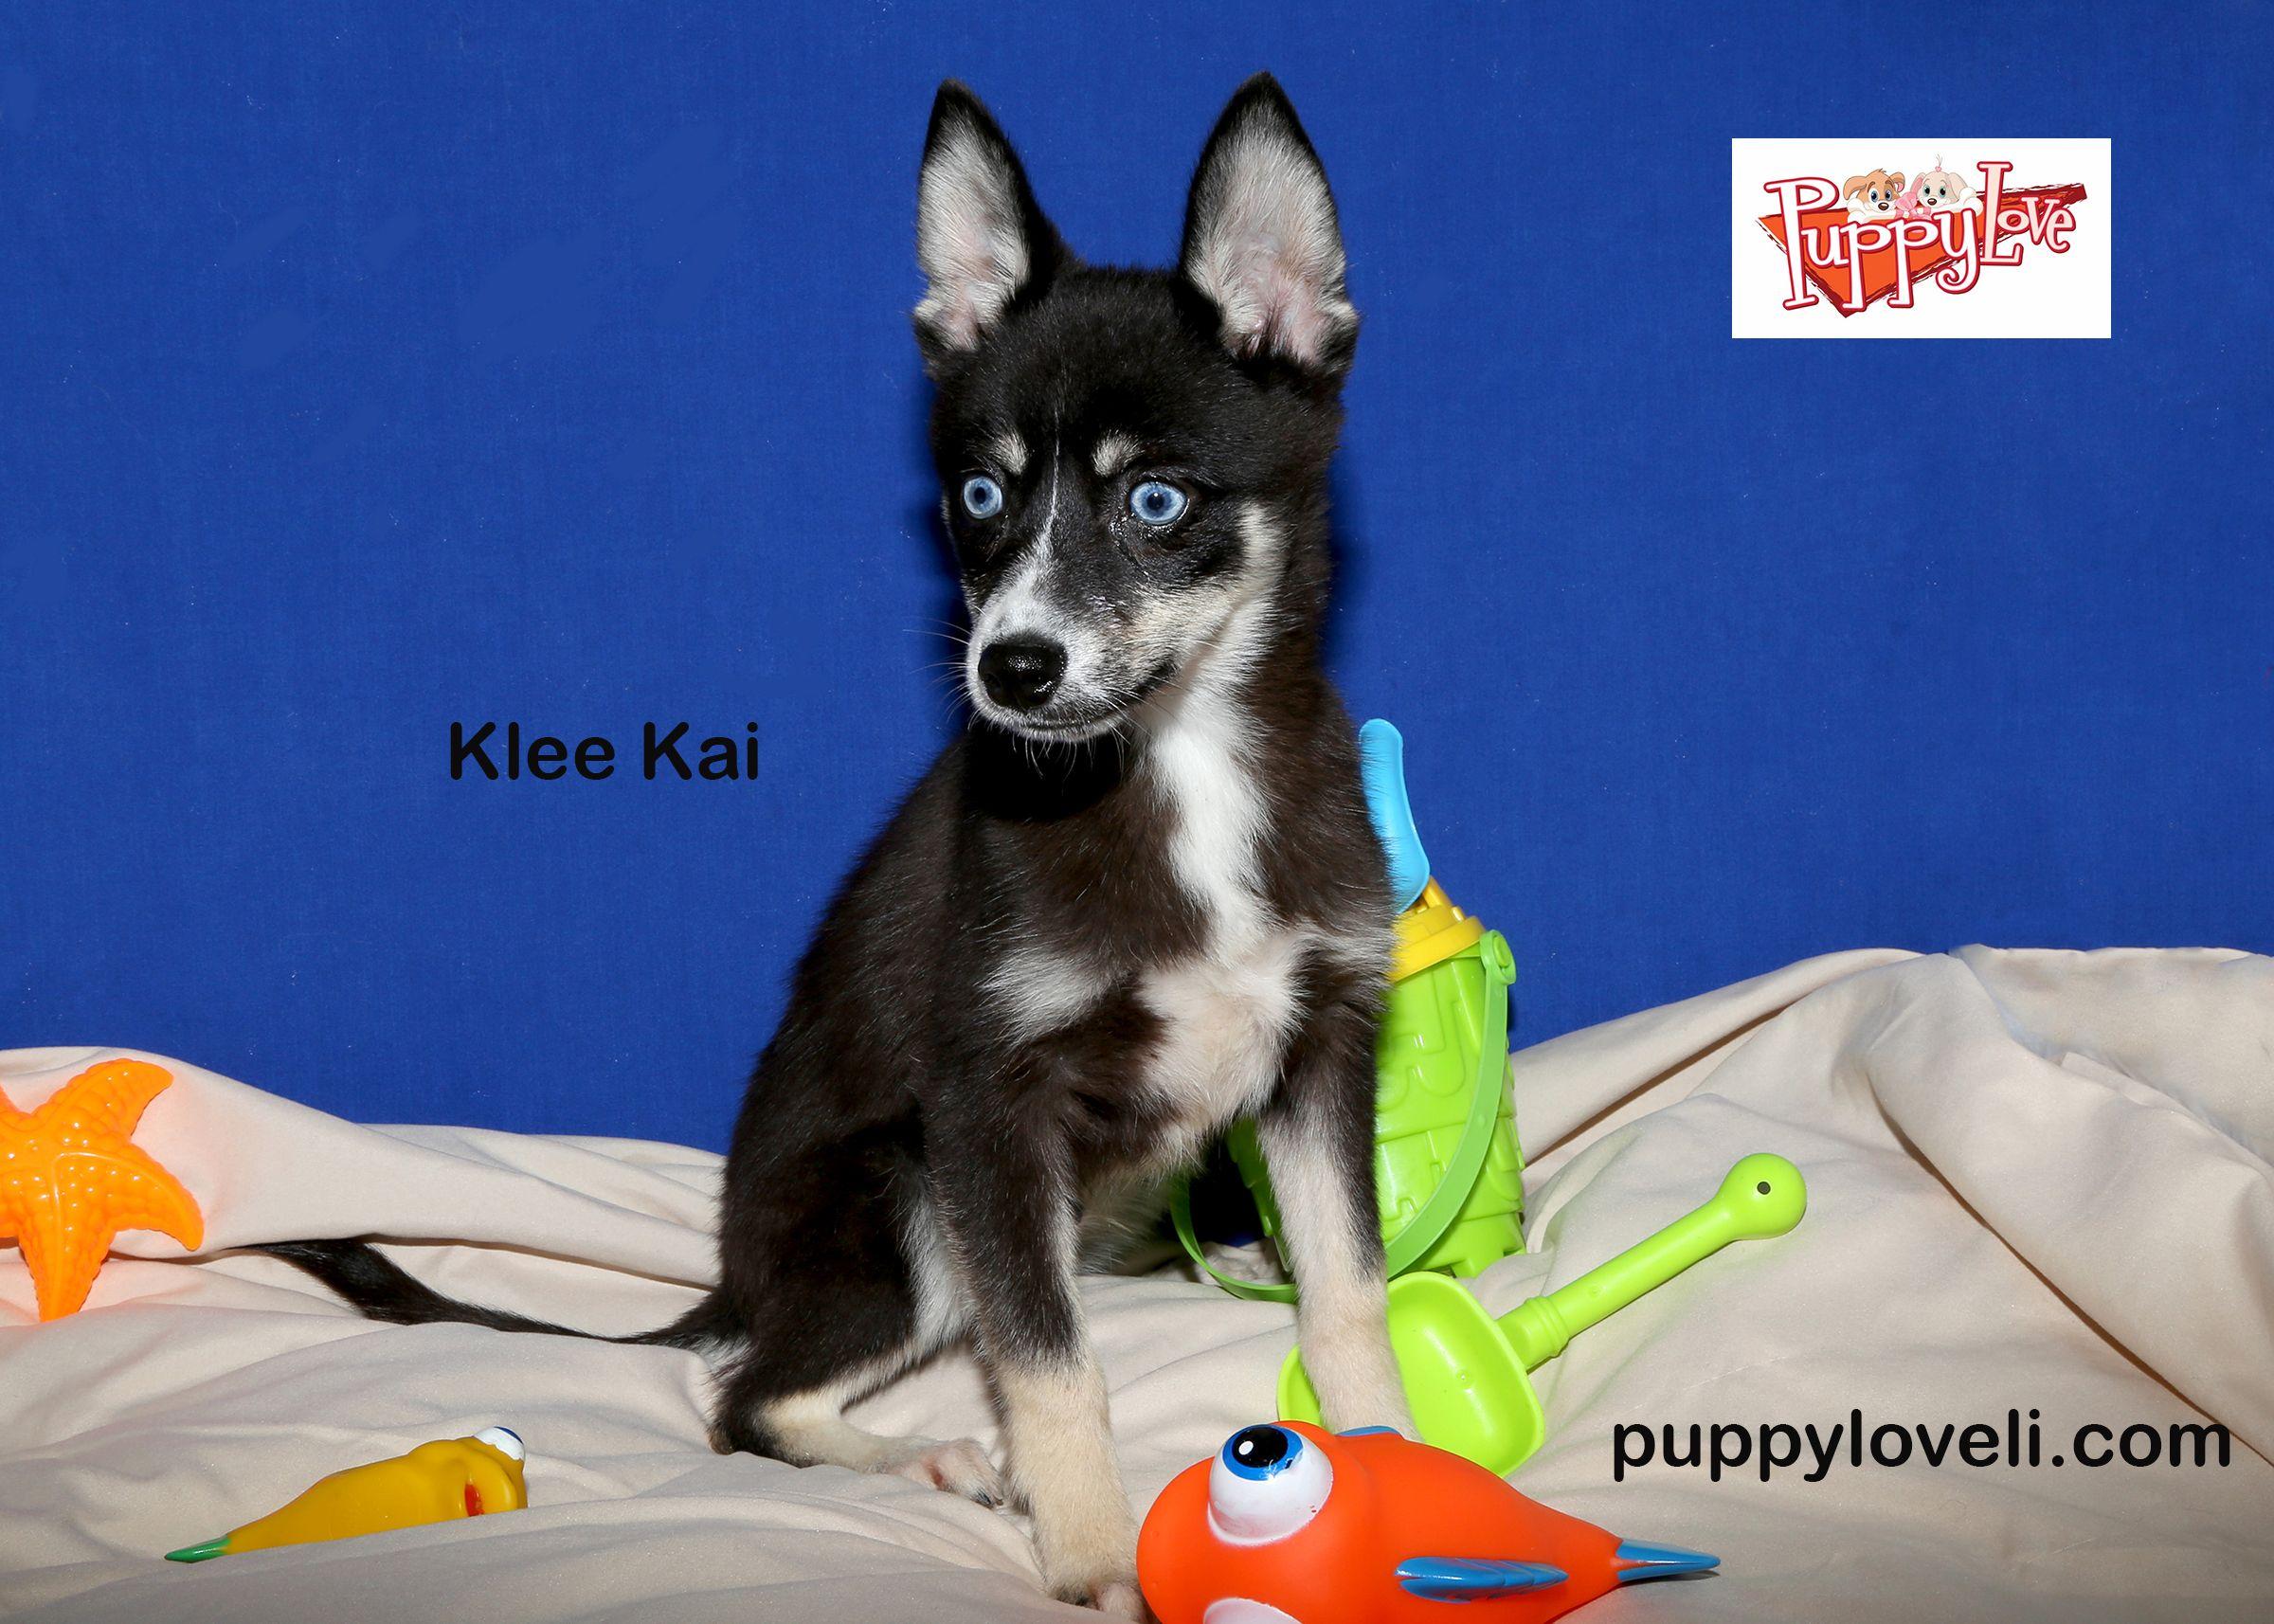 Babies got blue eyes energetic and sweet little klee kai